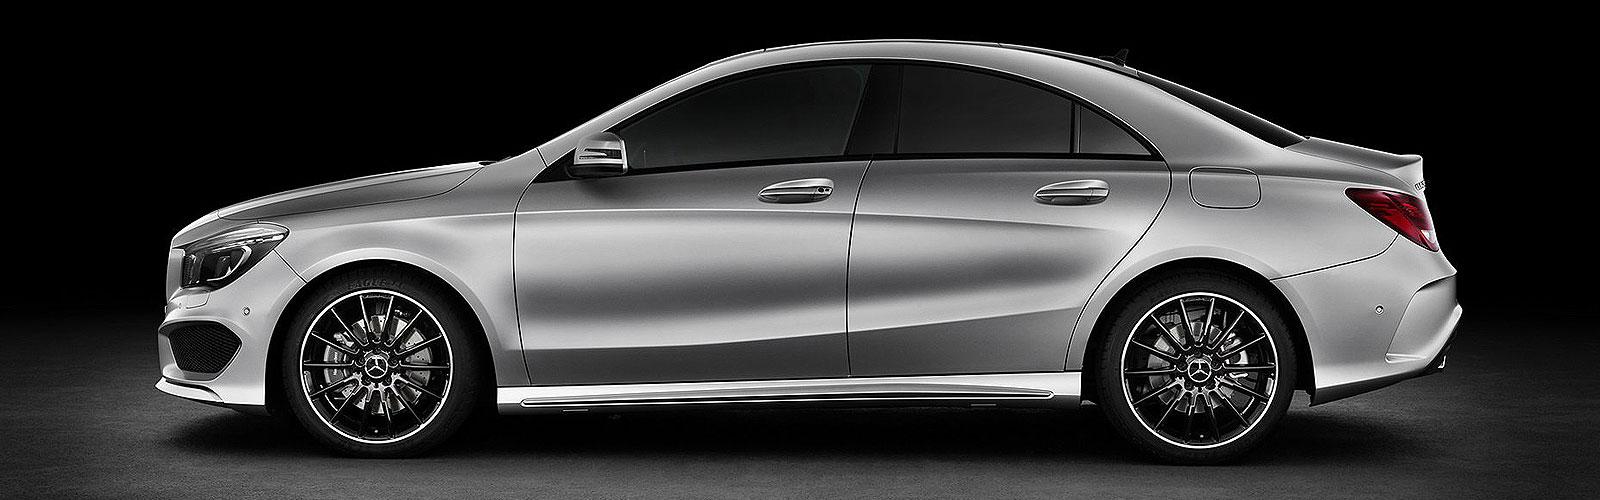 Vitres teint es voiture paris film solaire b timent for Garage teinte vitre voiture